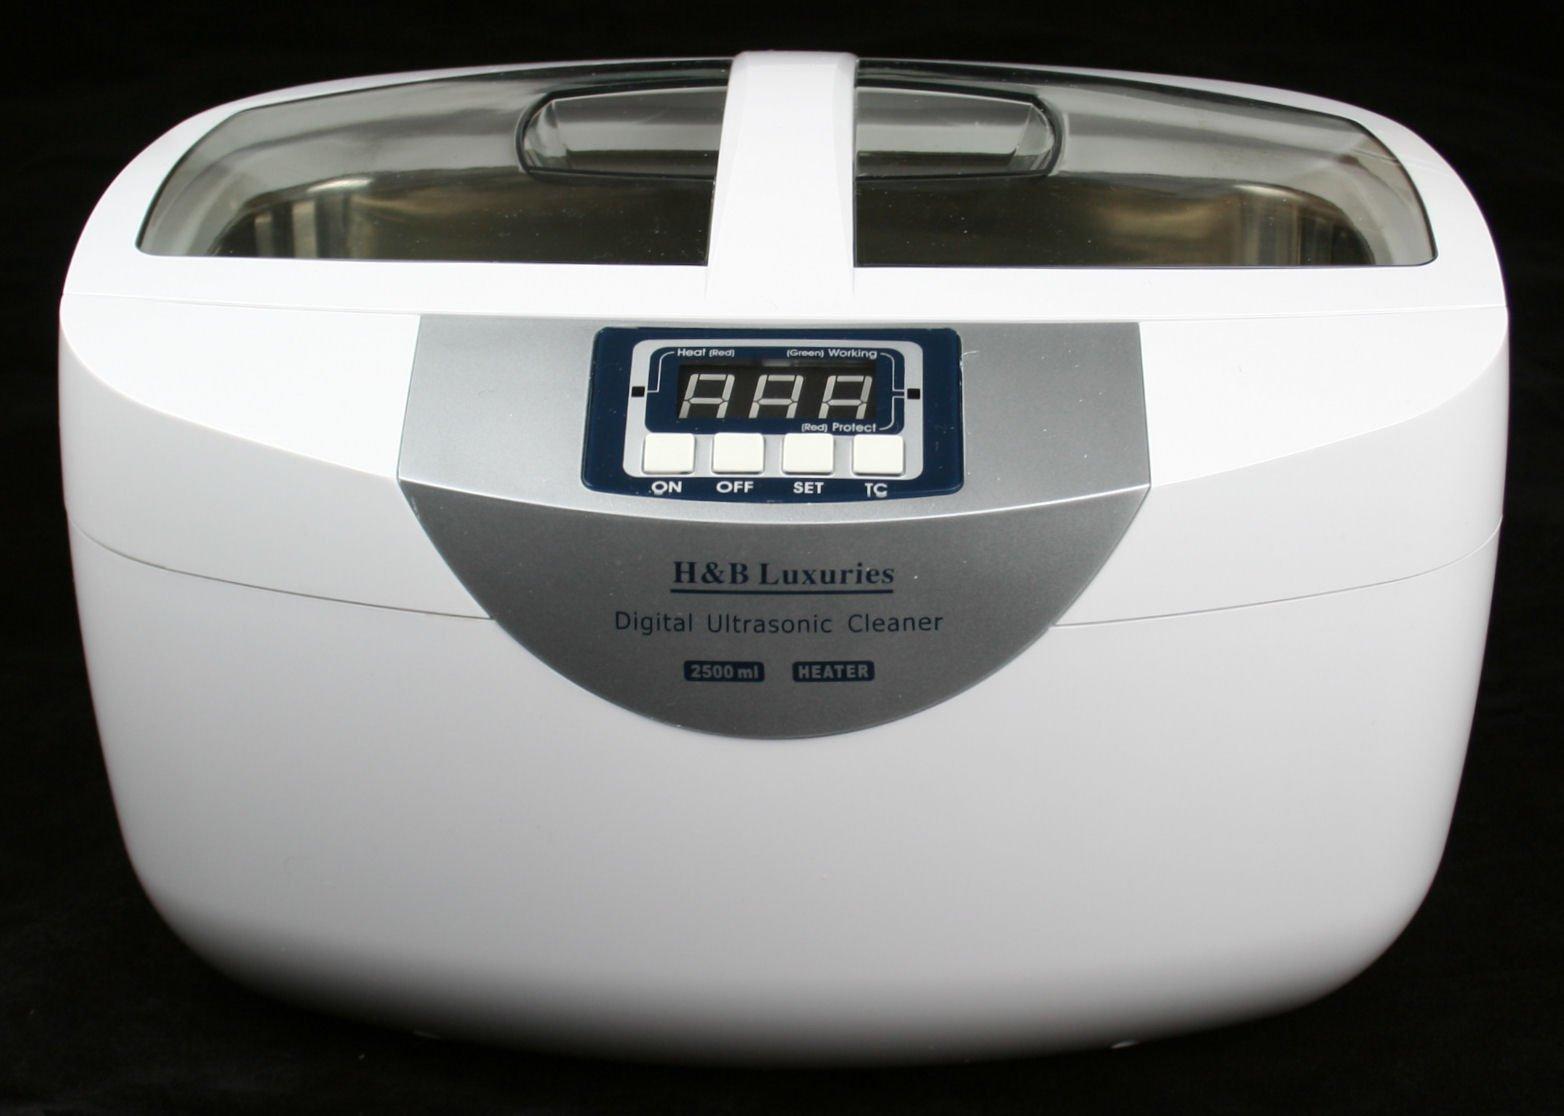 Industrial Grade 160 Watts 2.5 Liters Digital Heated Ultrasonic Cleaner by H&B Luxuries